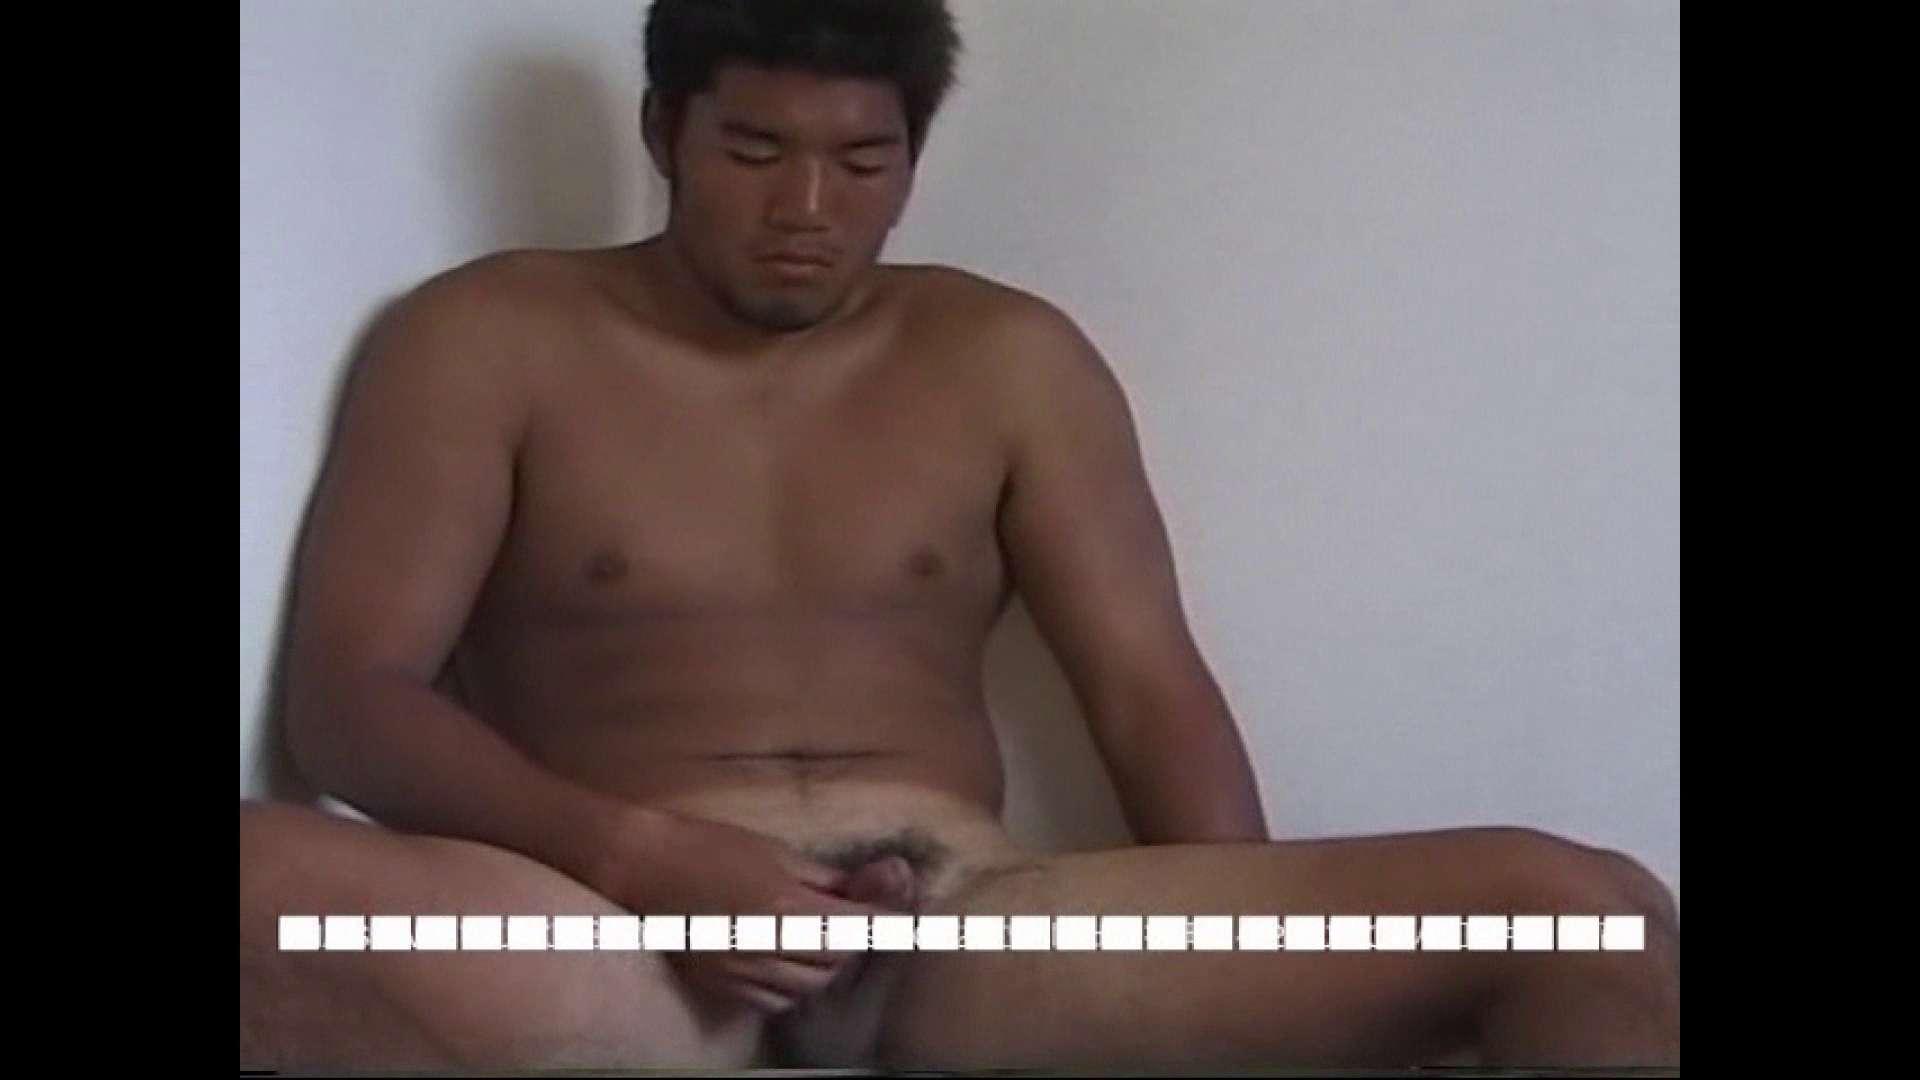 オナれ!集まれ!イケてるメンズ達!!File.12 男・男・男 ゲイエロ動画 94枚 55